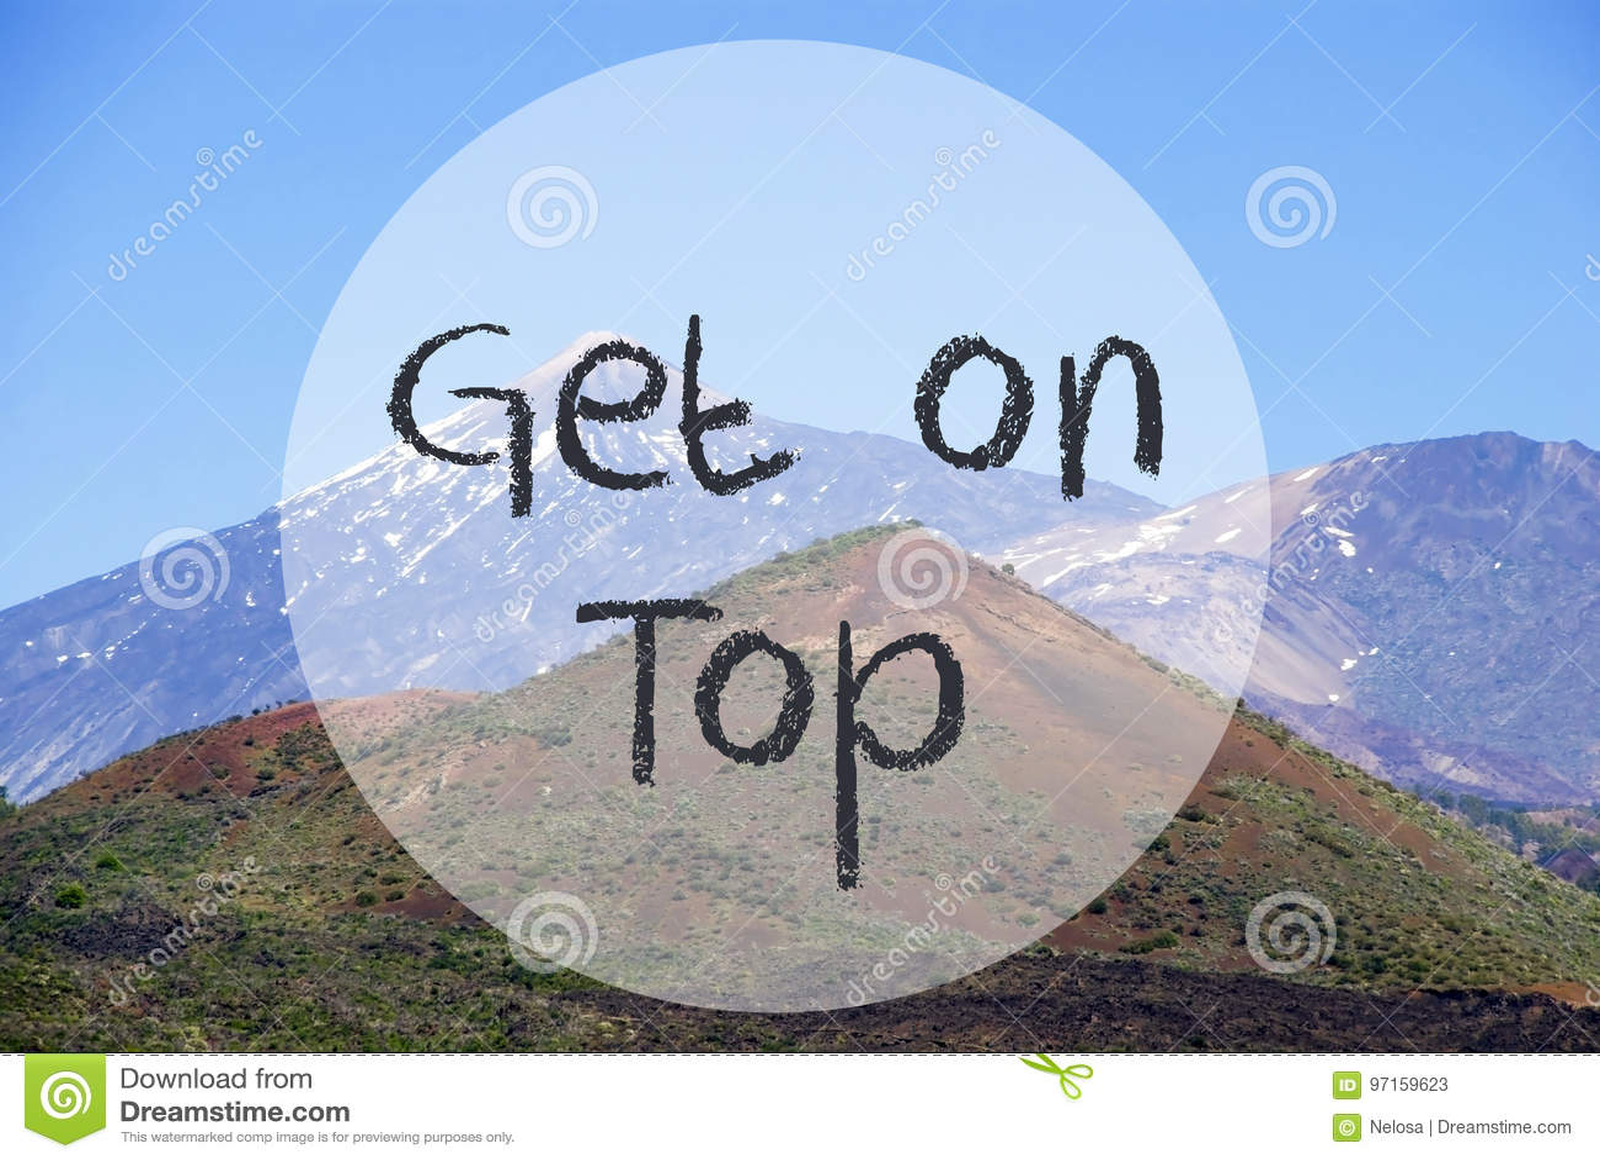 Гора Vulcano, текст получает на верхней части